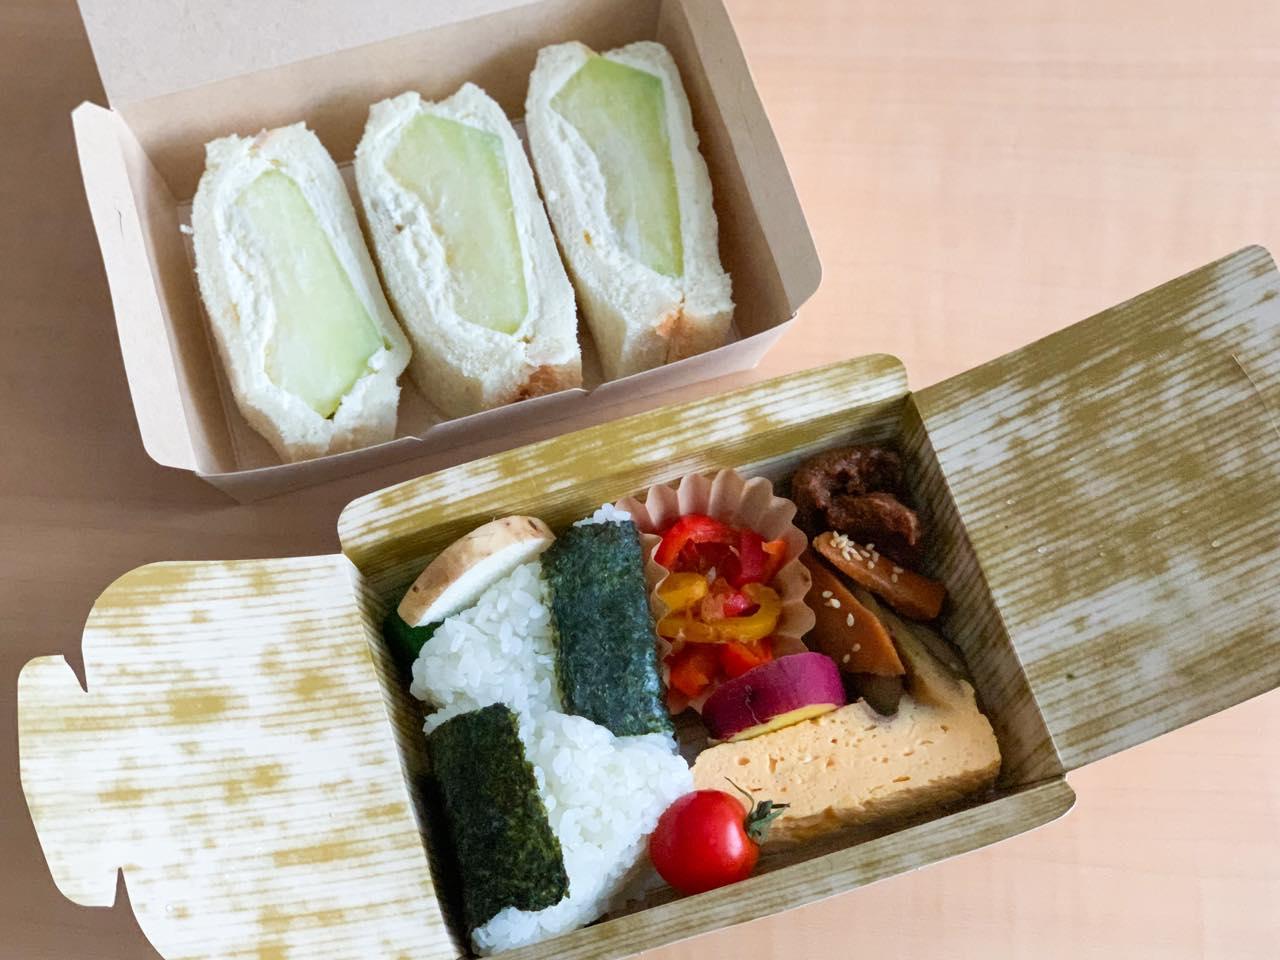 奥「ほこたメロンサンド」900円 手前「鉾田おにぎり弁当」700円